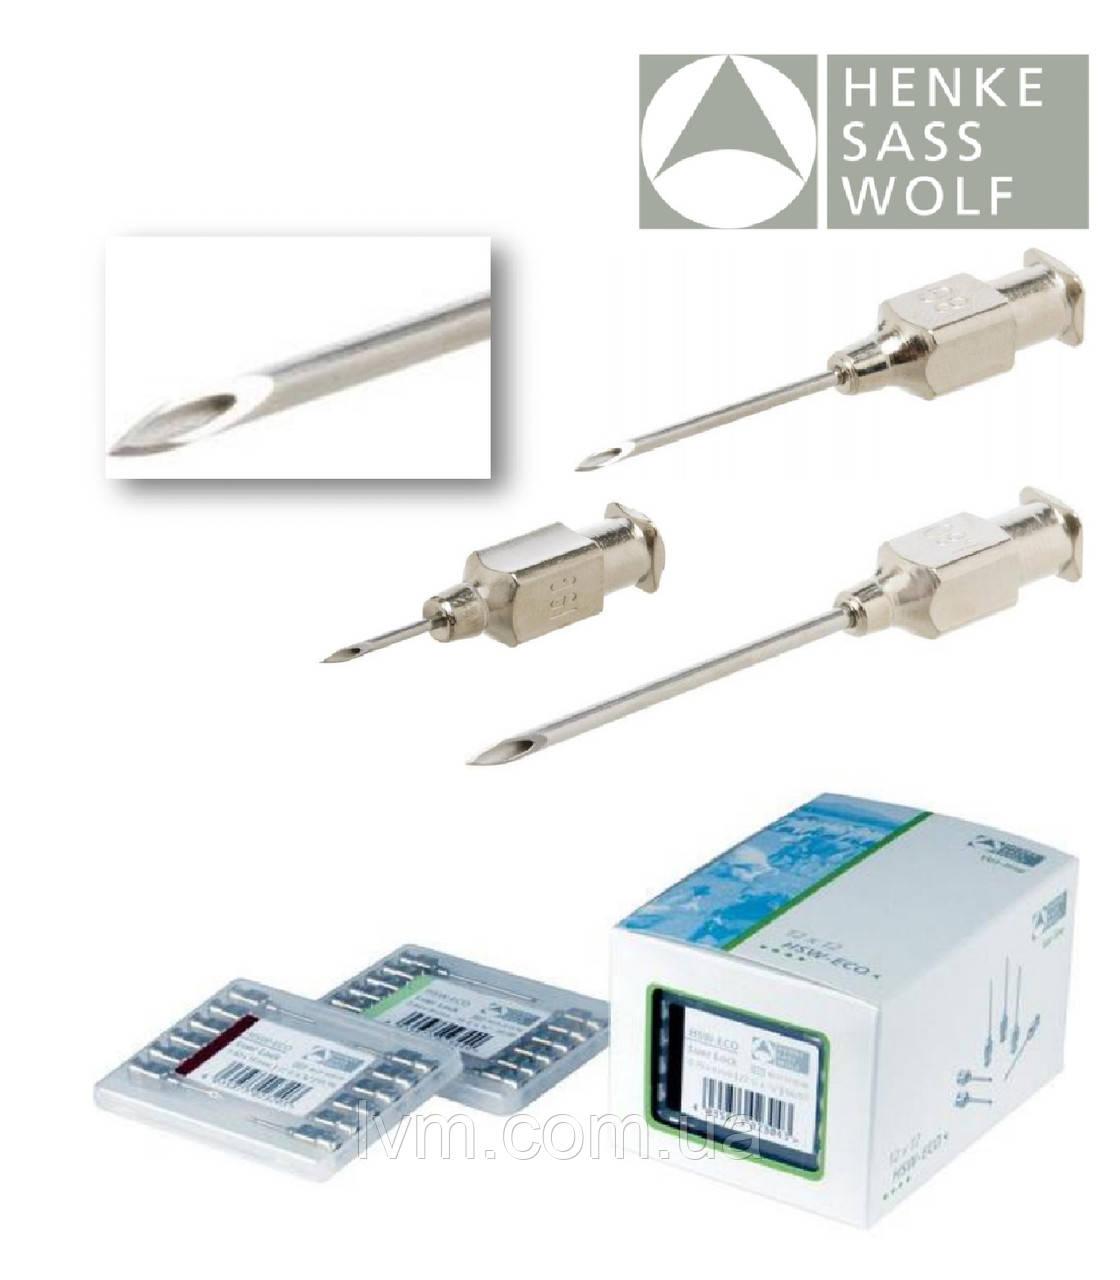 Иглы инъекционные многоразовые 18G 1,2*20мм (Luer-Lock) HSW-ECO, уп/12шт HENKE (Германия)